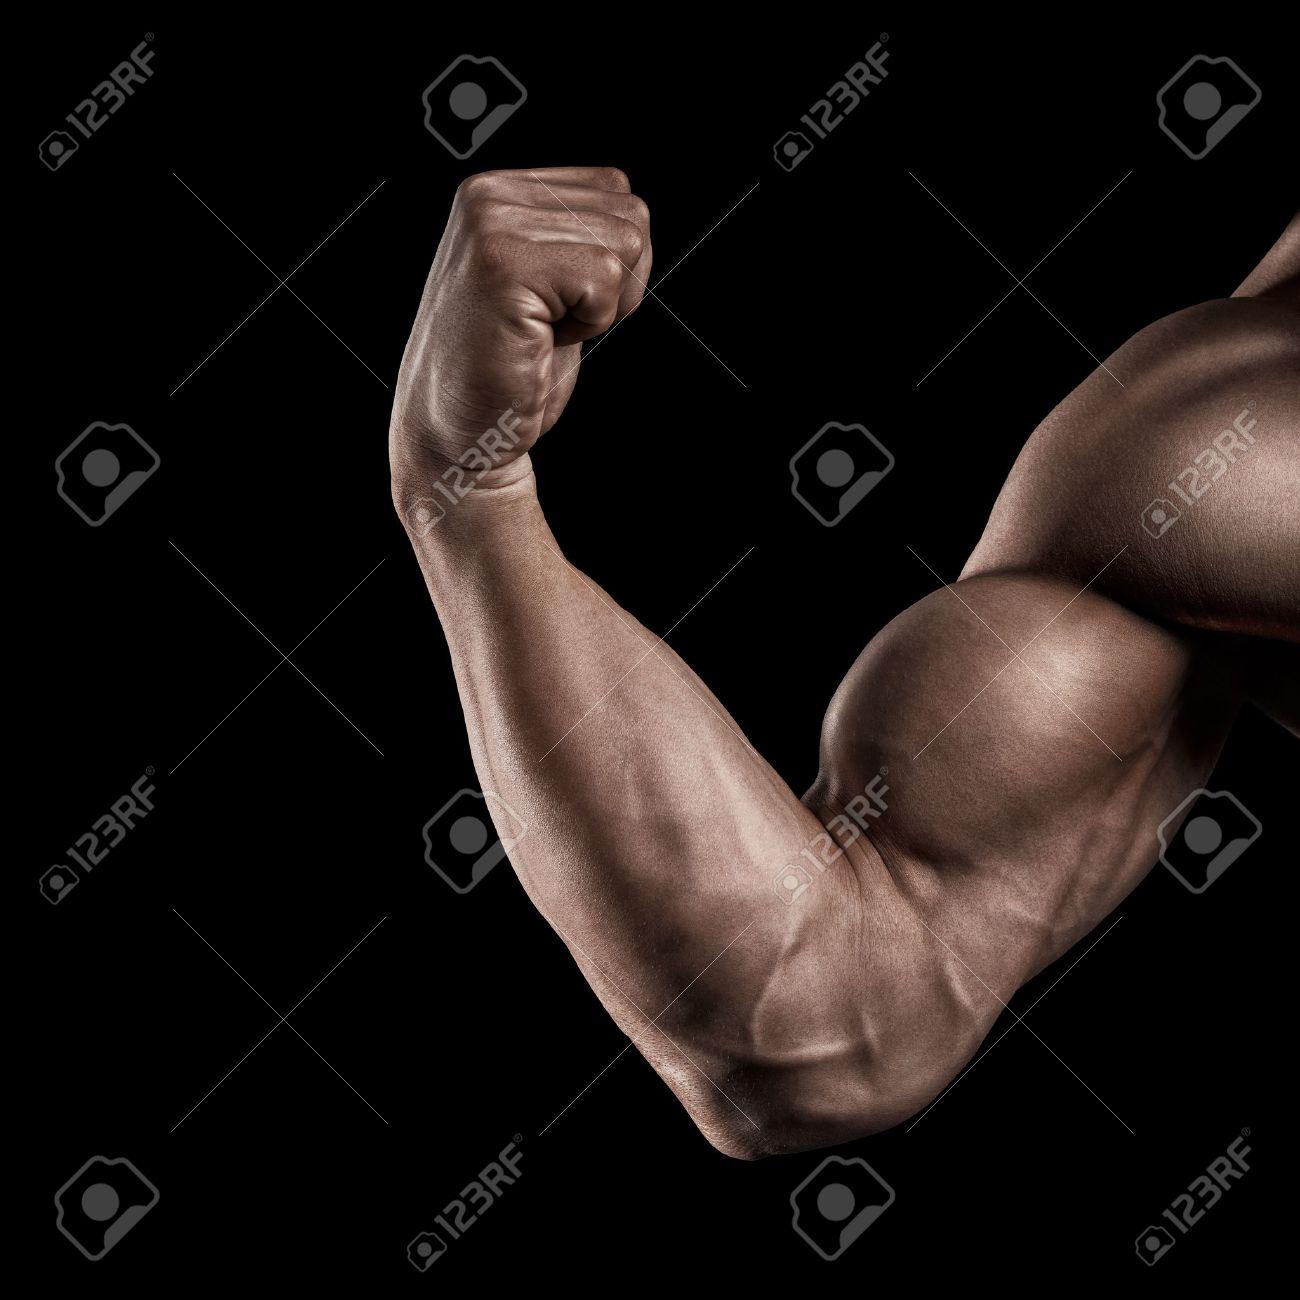 1e9e5eafdaa8a1 電源フィットネス man39s 手のクローズ アップ。筋肉と上腕二頭筋と強い